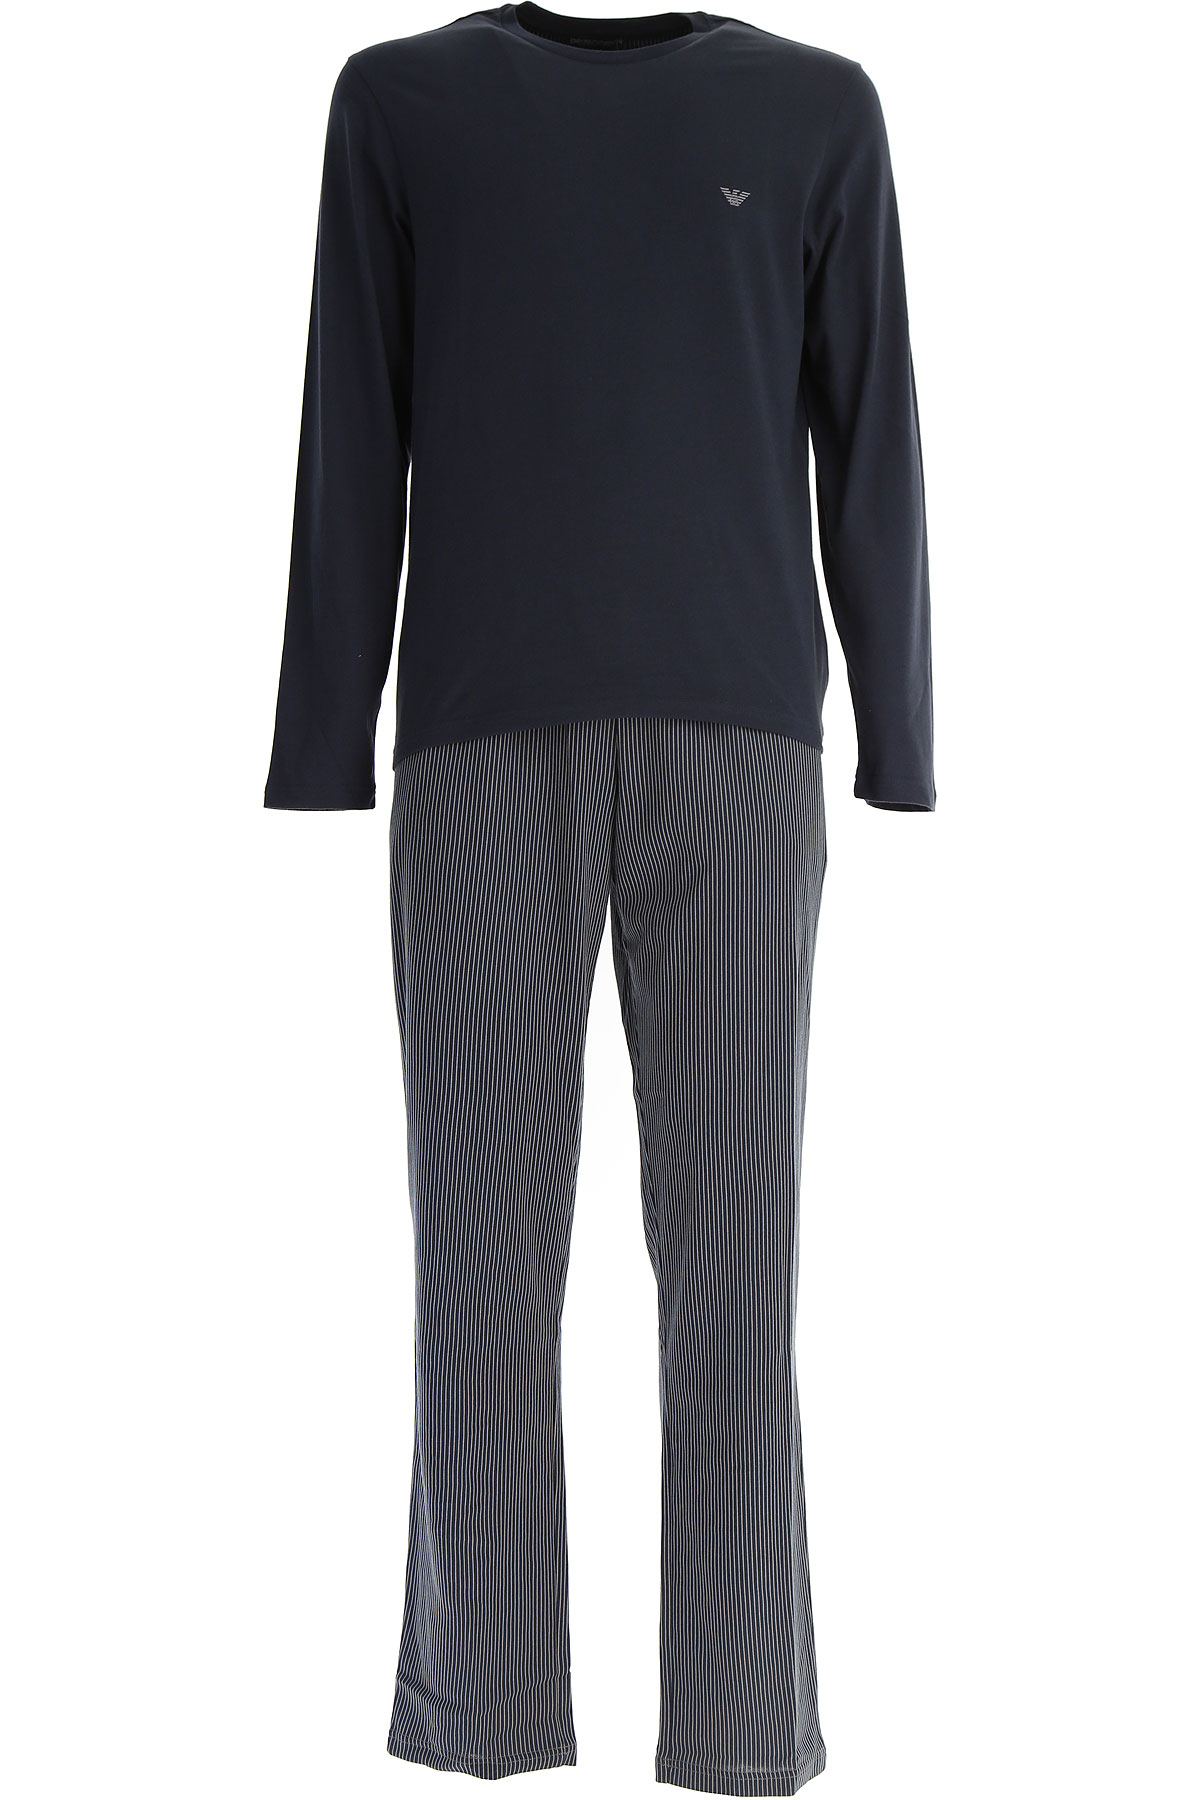 Image of Emporio Armani Loungewear for Men, Blue Marine, Cotton, 2017, M (EU 4) S (EU 3) L (EU 5) XL (EU 6)